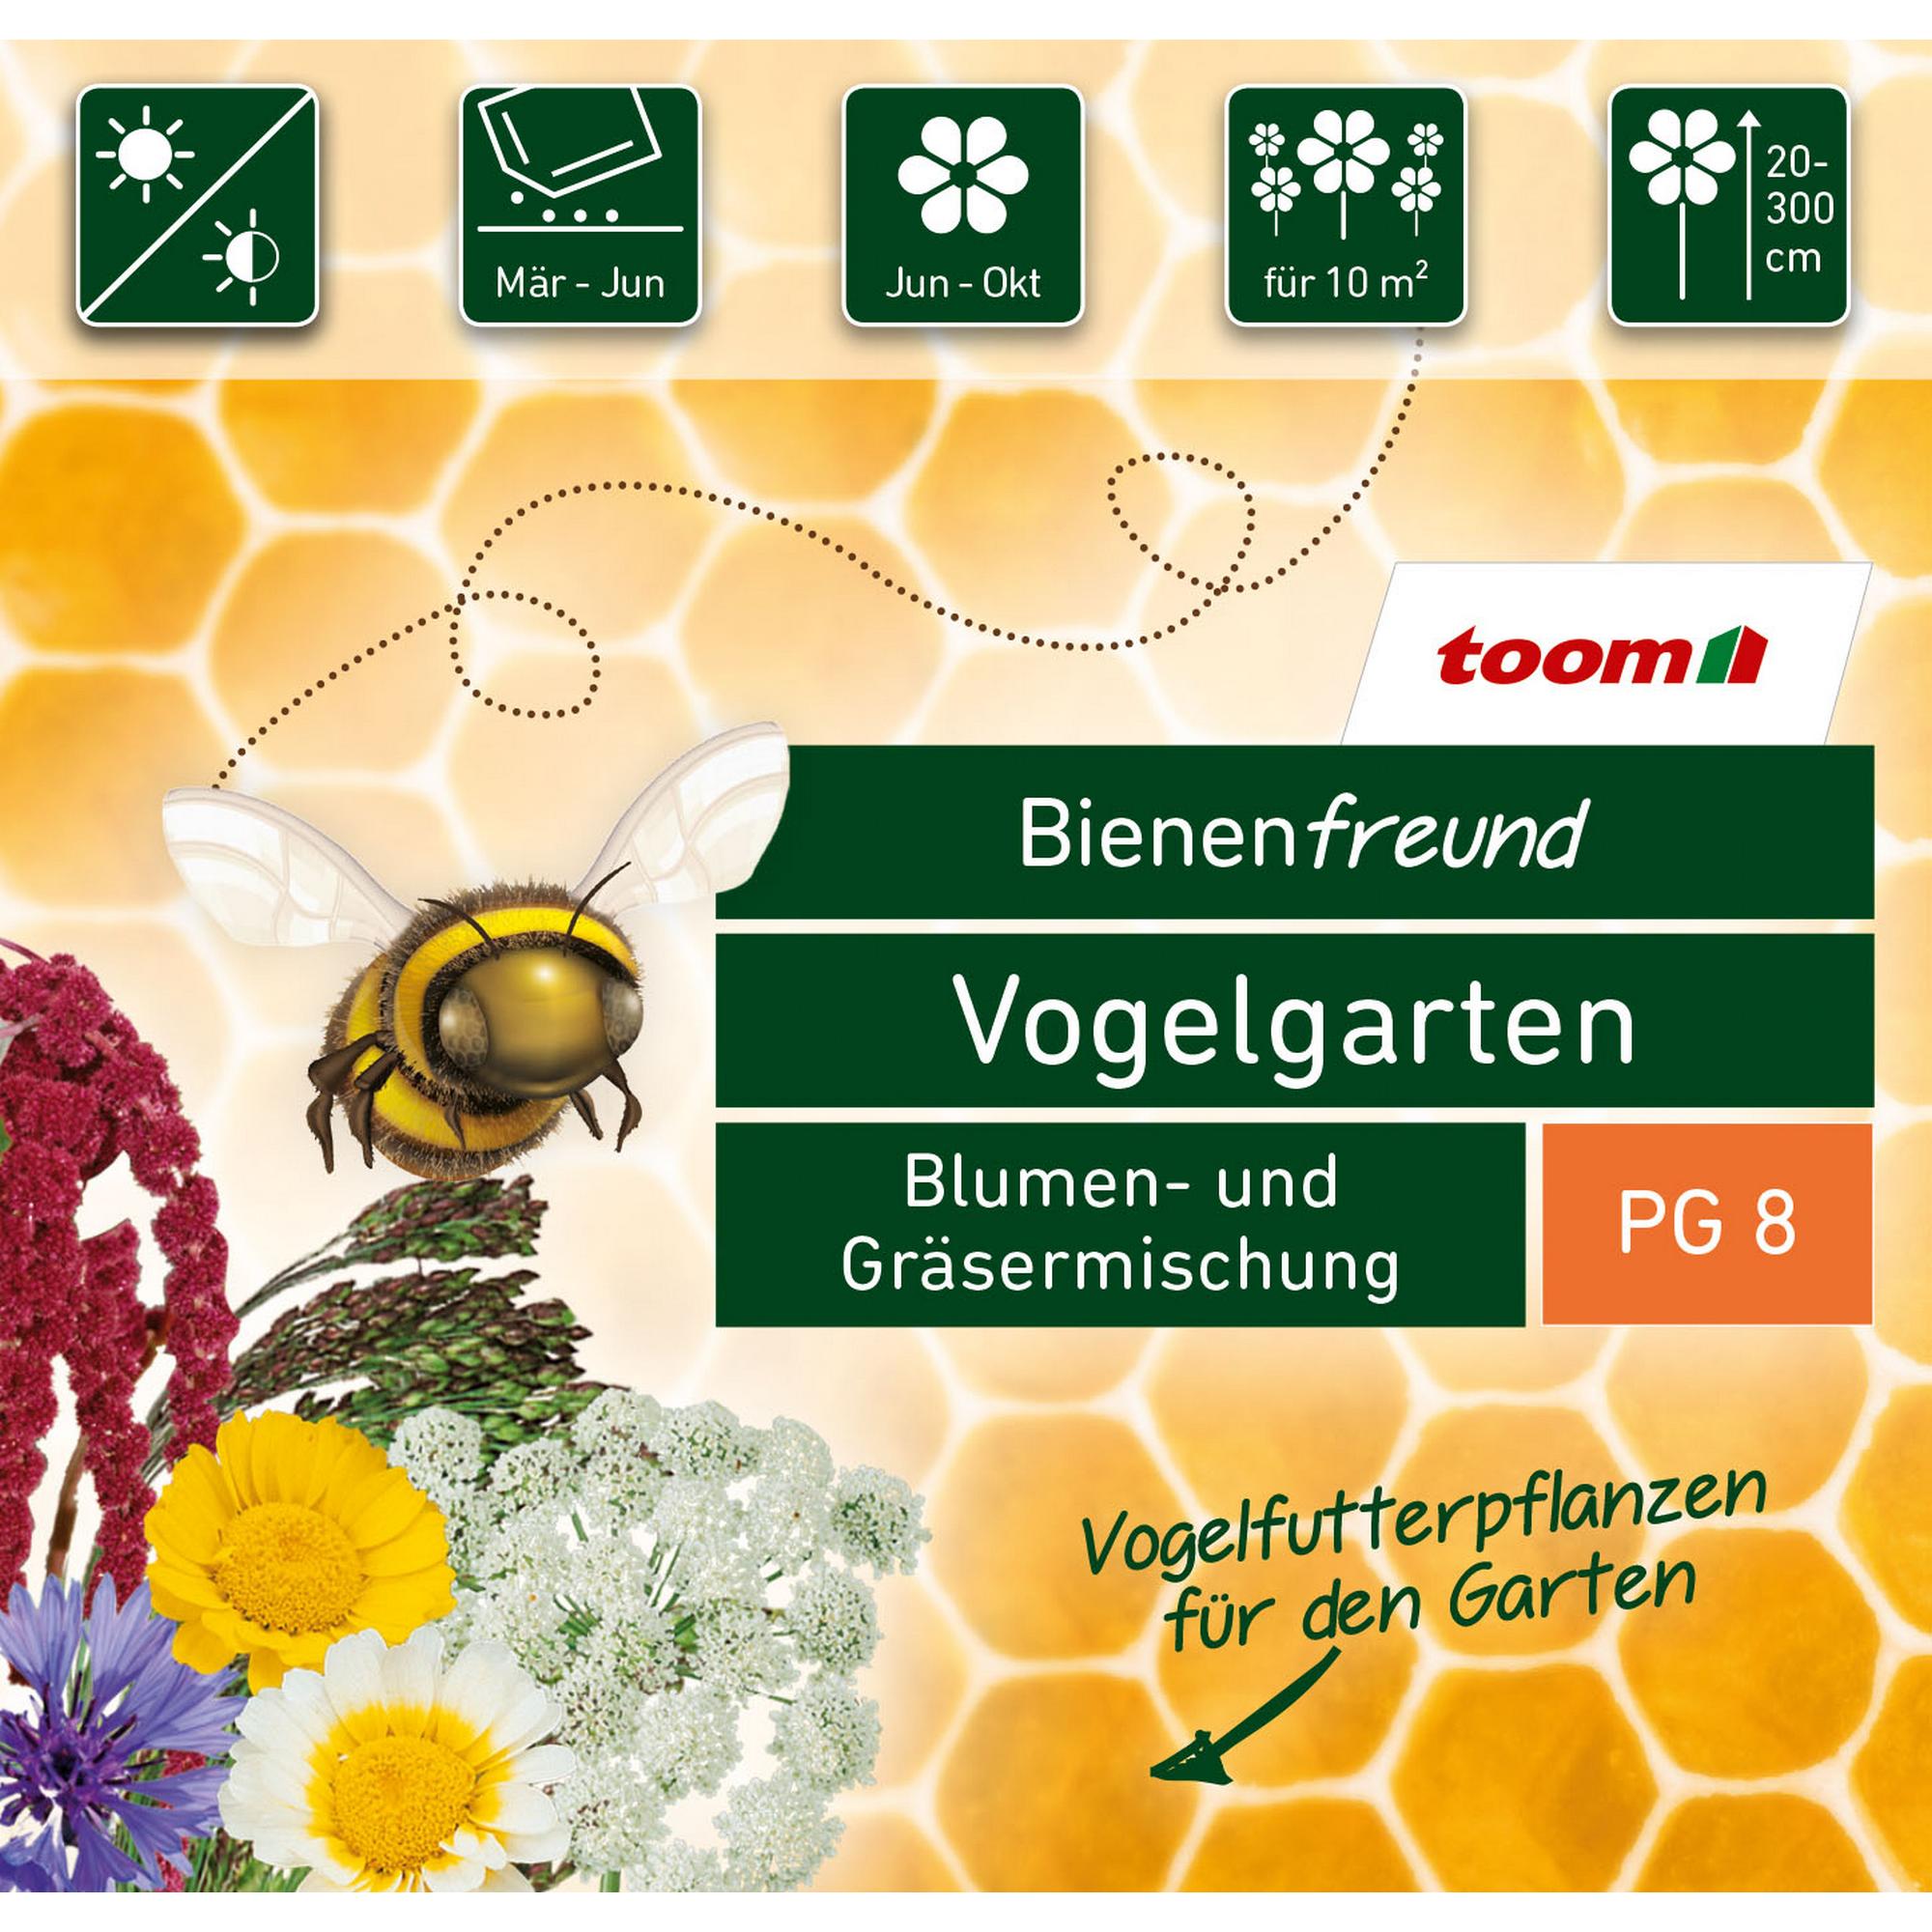 toom Bienenfreund Blumen- und Gräsermischung 'Vogelgarten'